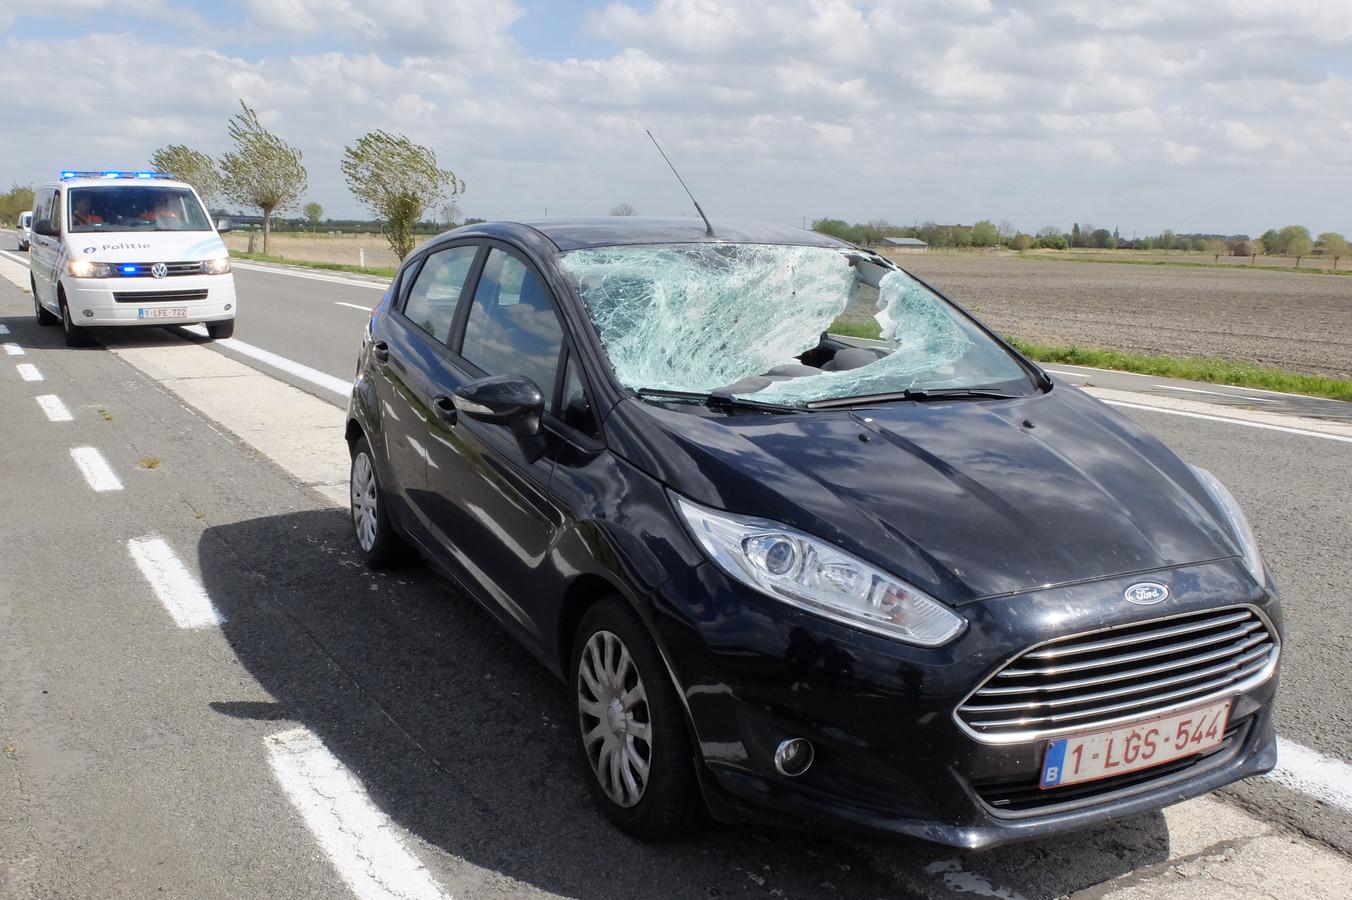 De voorruit van de wagen raakte verbrijzeld door het voetstuk van een verkeersbord. De twee inzittenden liepen oppervlakkige snijwonden.